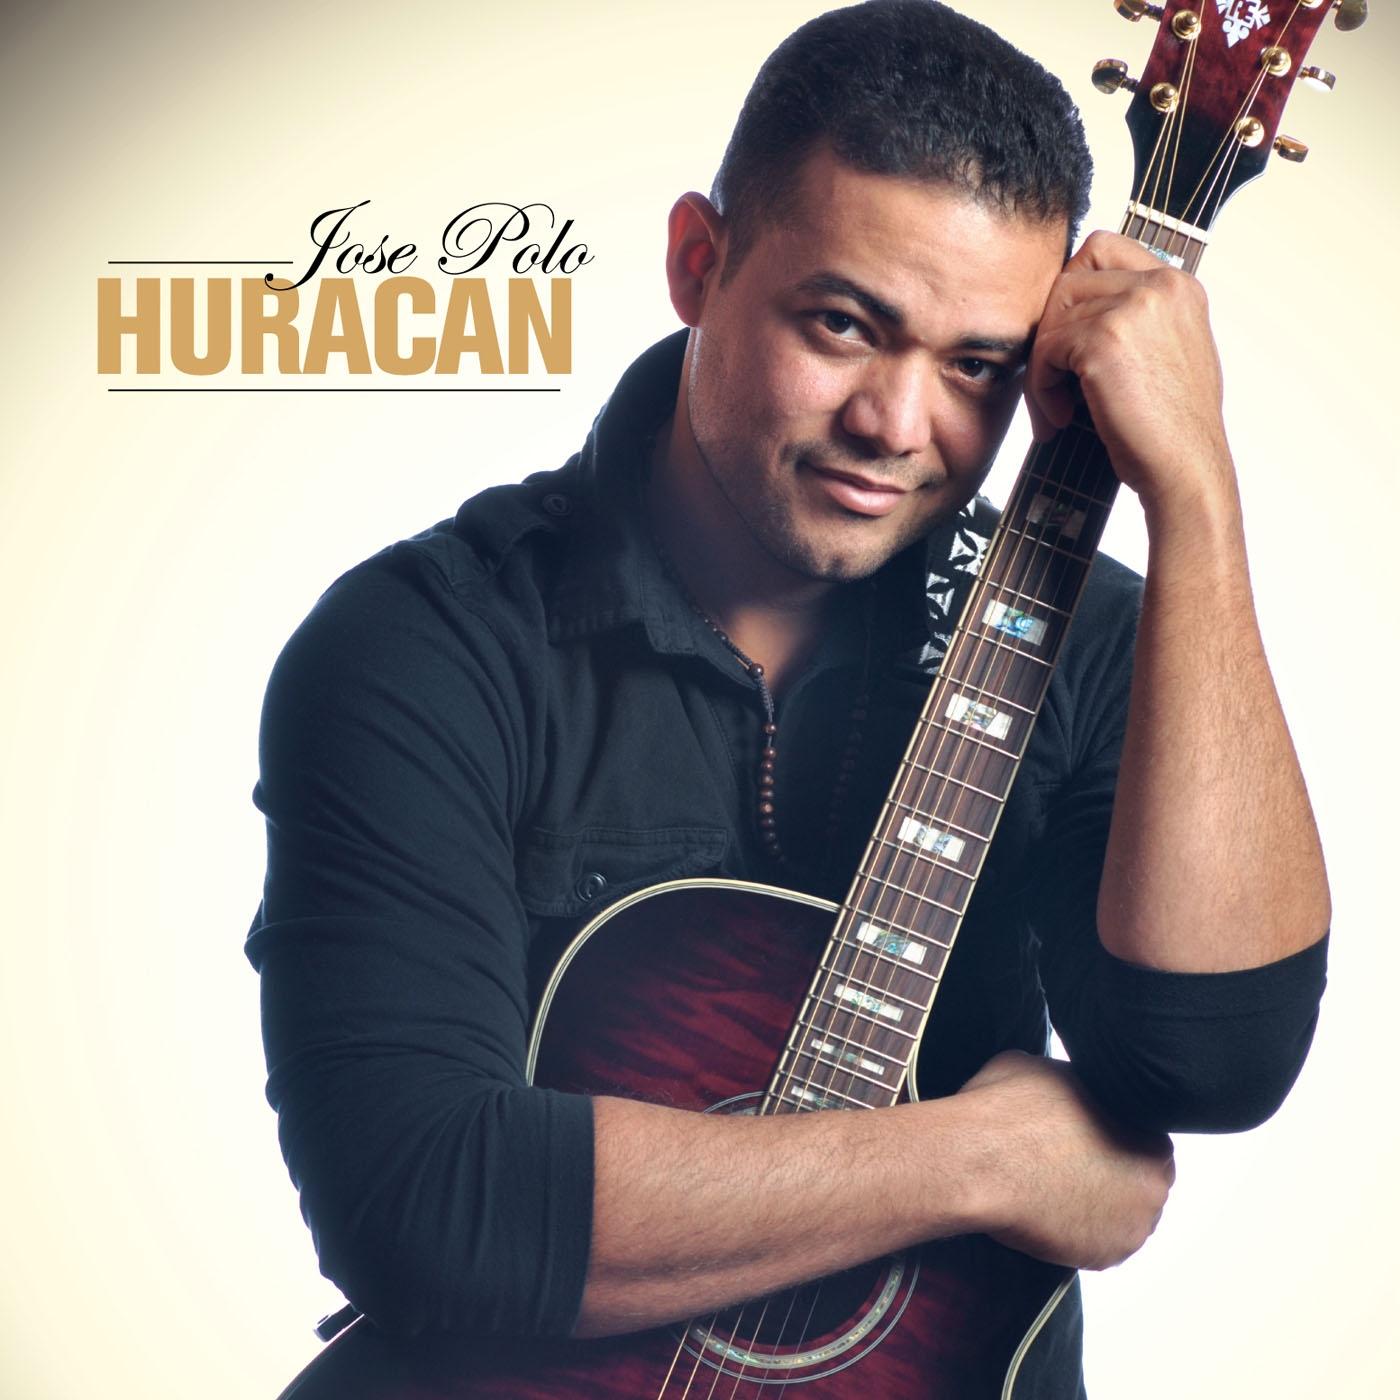 José Polo Huracán